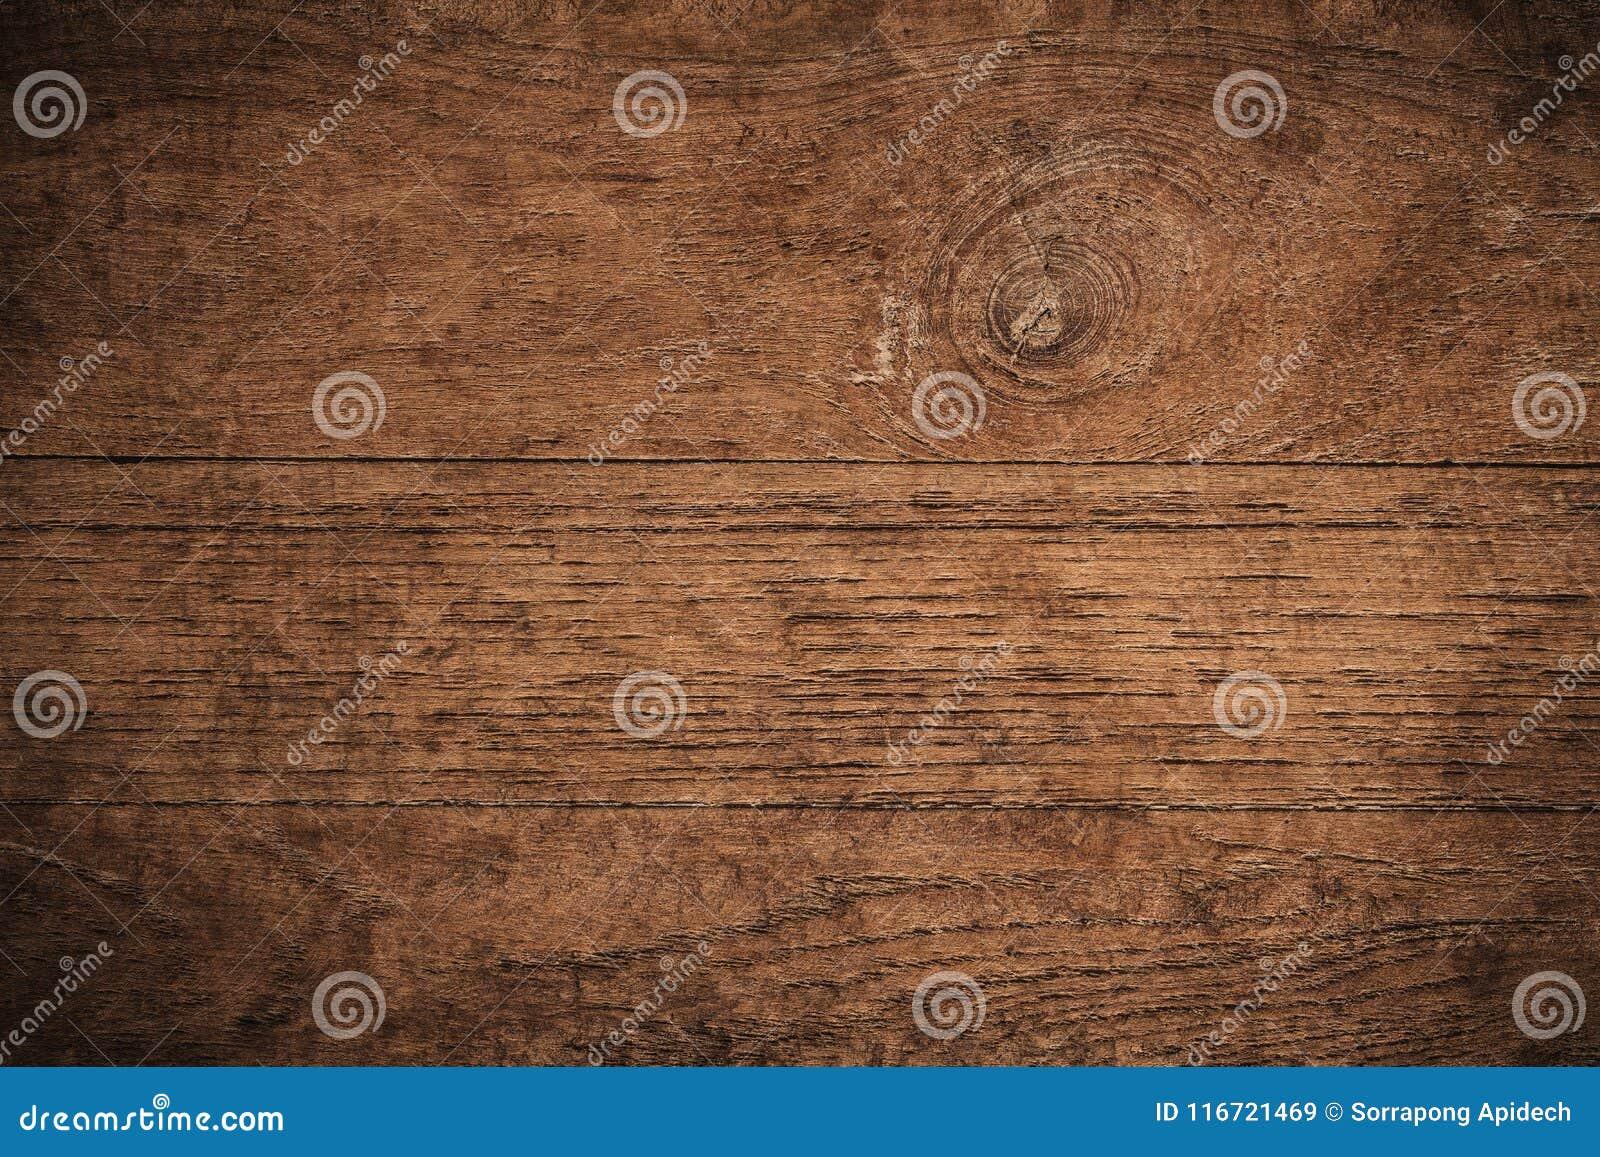 Fundo de madeira textured escuro do grunge velho, a superfície da textura de madeira marrom velha, paneling de madeira da teca do